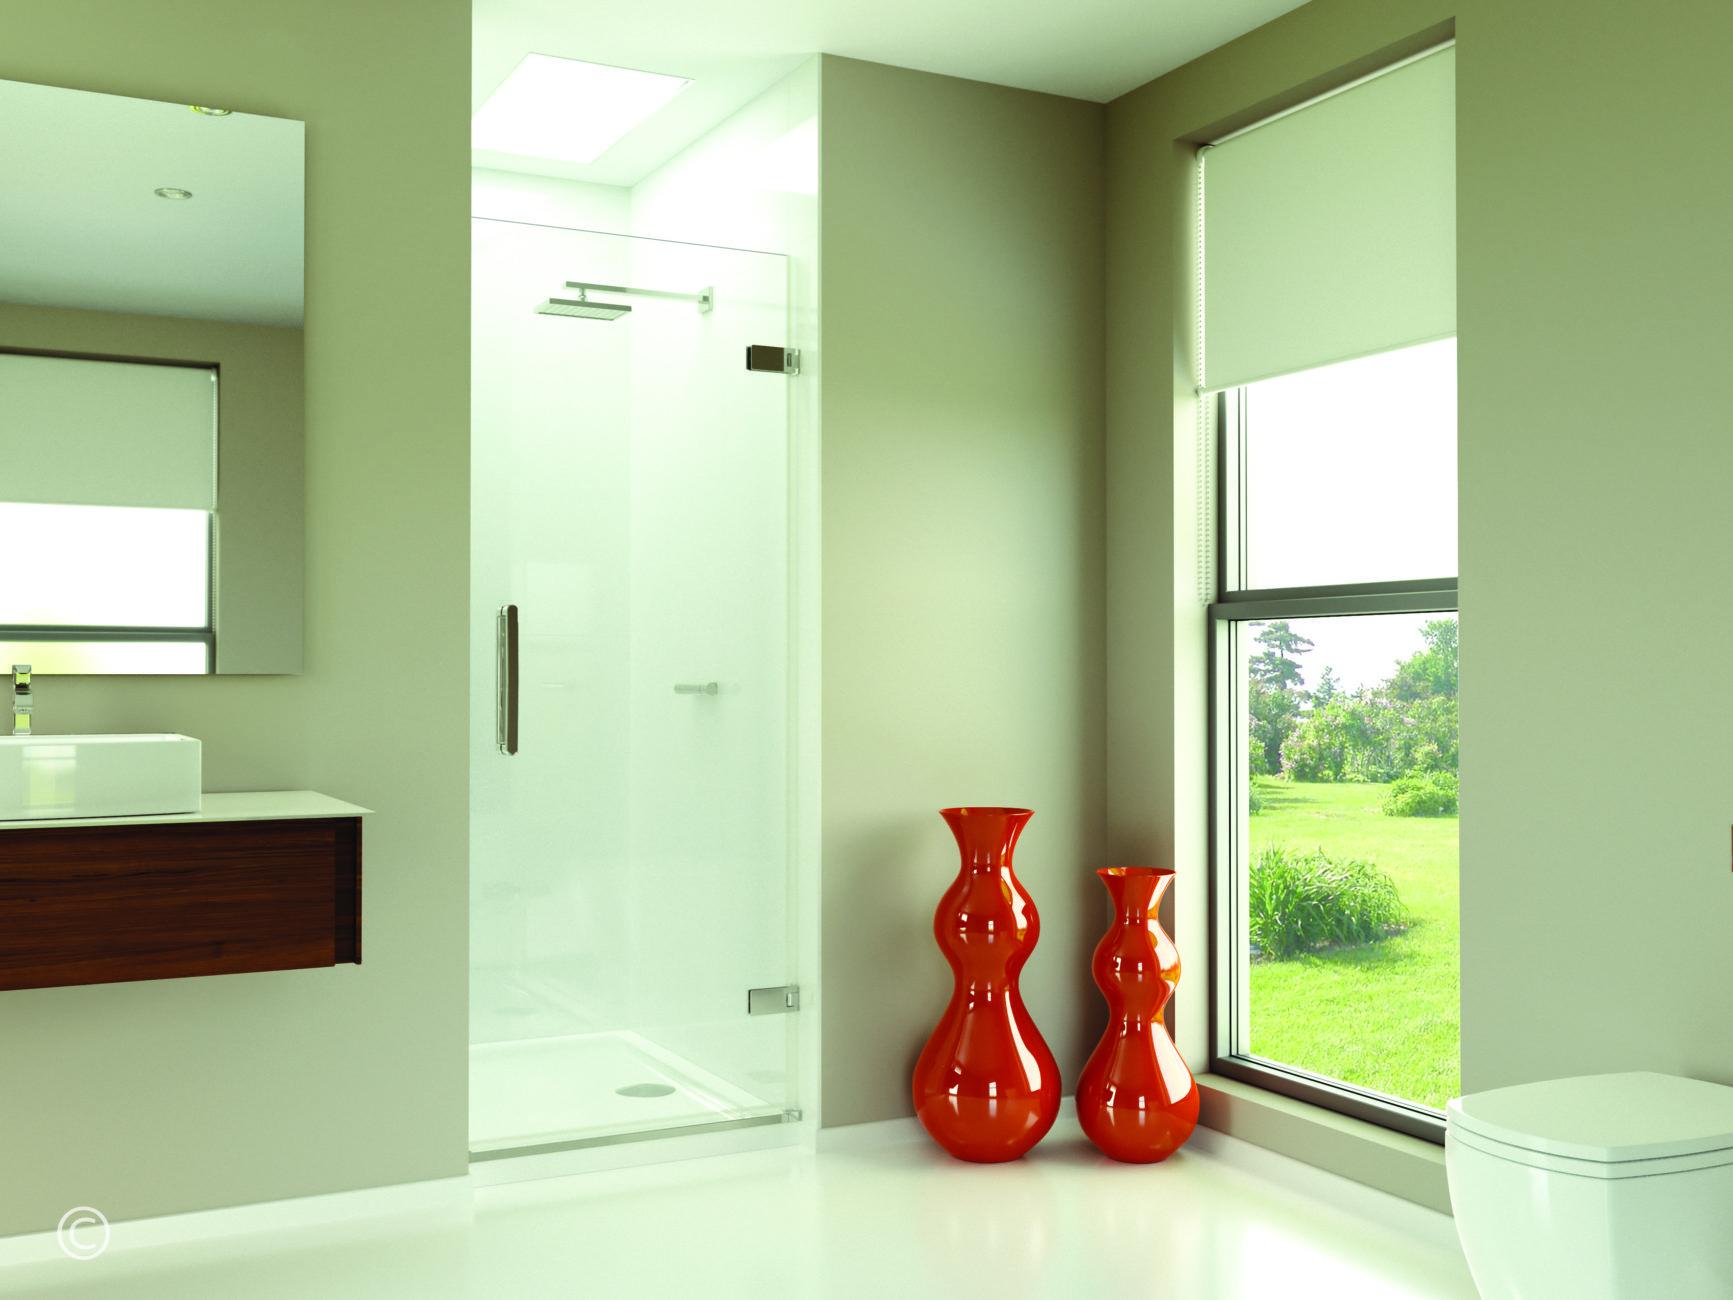 Arysto Wall Hinge Door in Recess | Bath screens, Doors and Shower ...